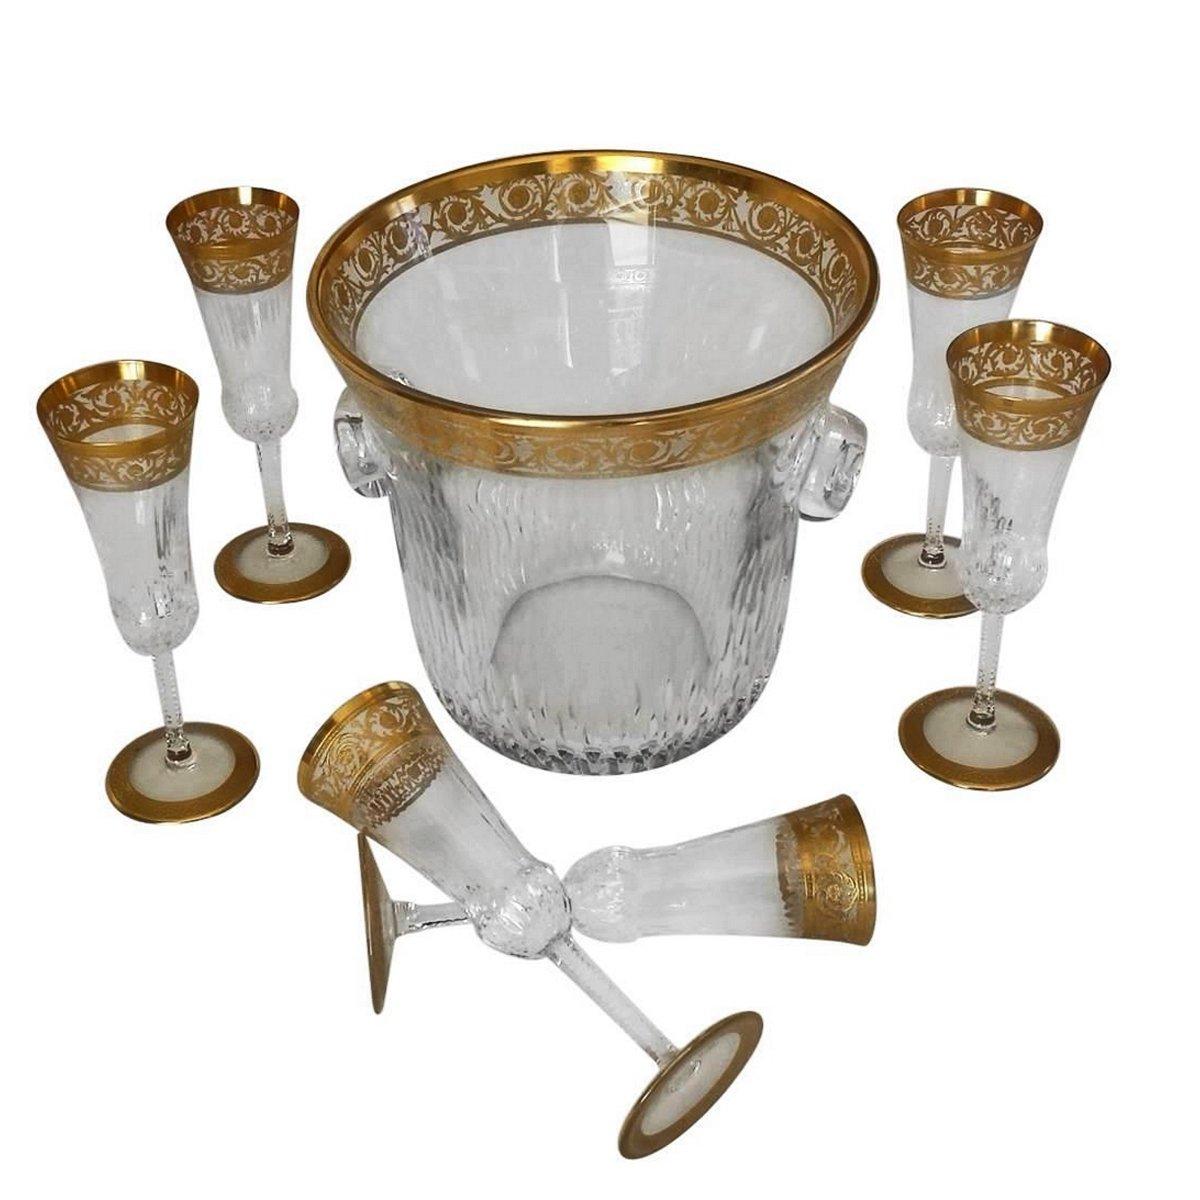 seau et flutes champagne en cristal de saint louis thistle or service xxe si cle. Black Bedroom Furniture Sets. Home Design Ideas